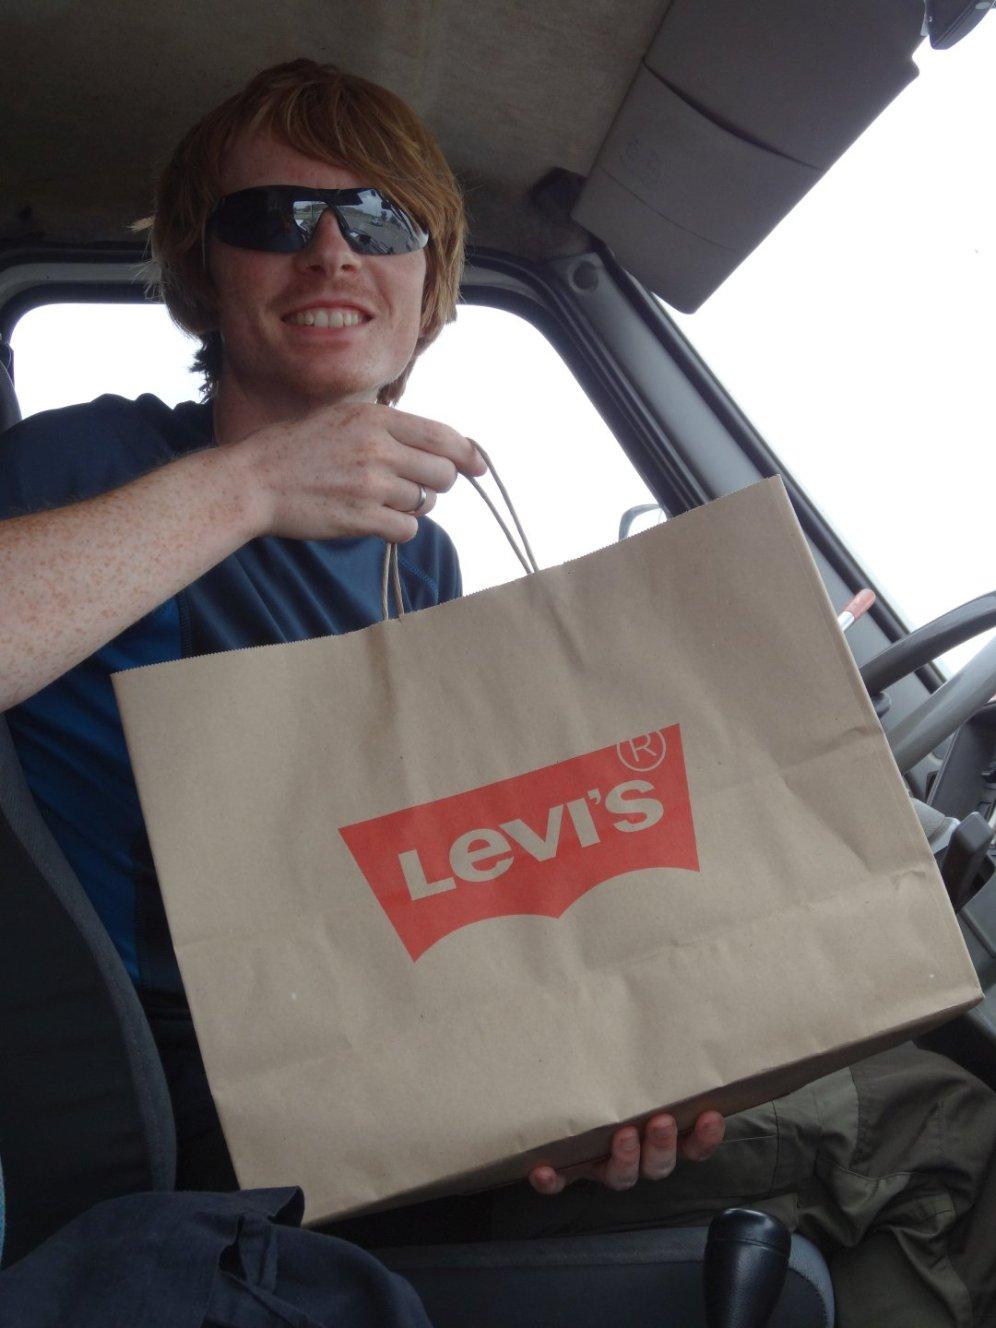 Thomas brauchte eine neue Hose - dank günstigem Outlet-Store wurde es sogar eine Levis